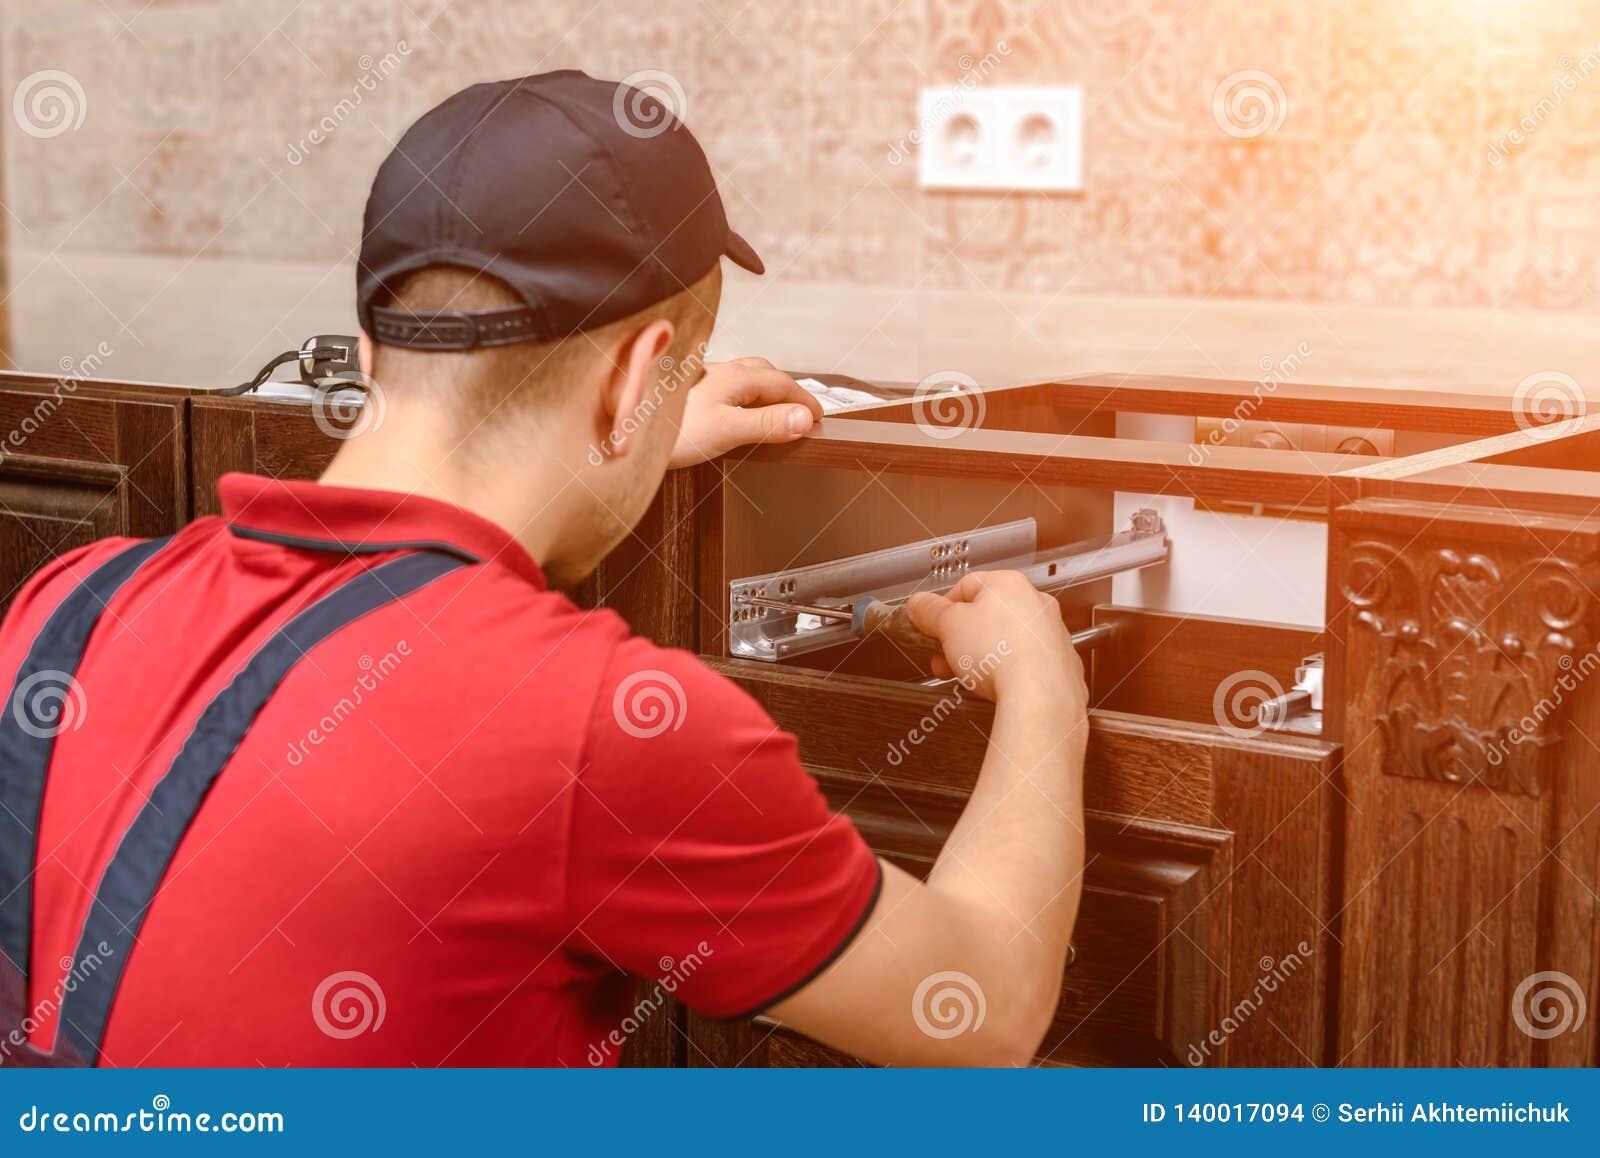 Een jonge werknemer installeert een lade Installatie van modern houten keukenmeubilair